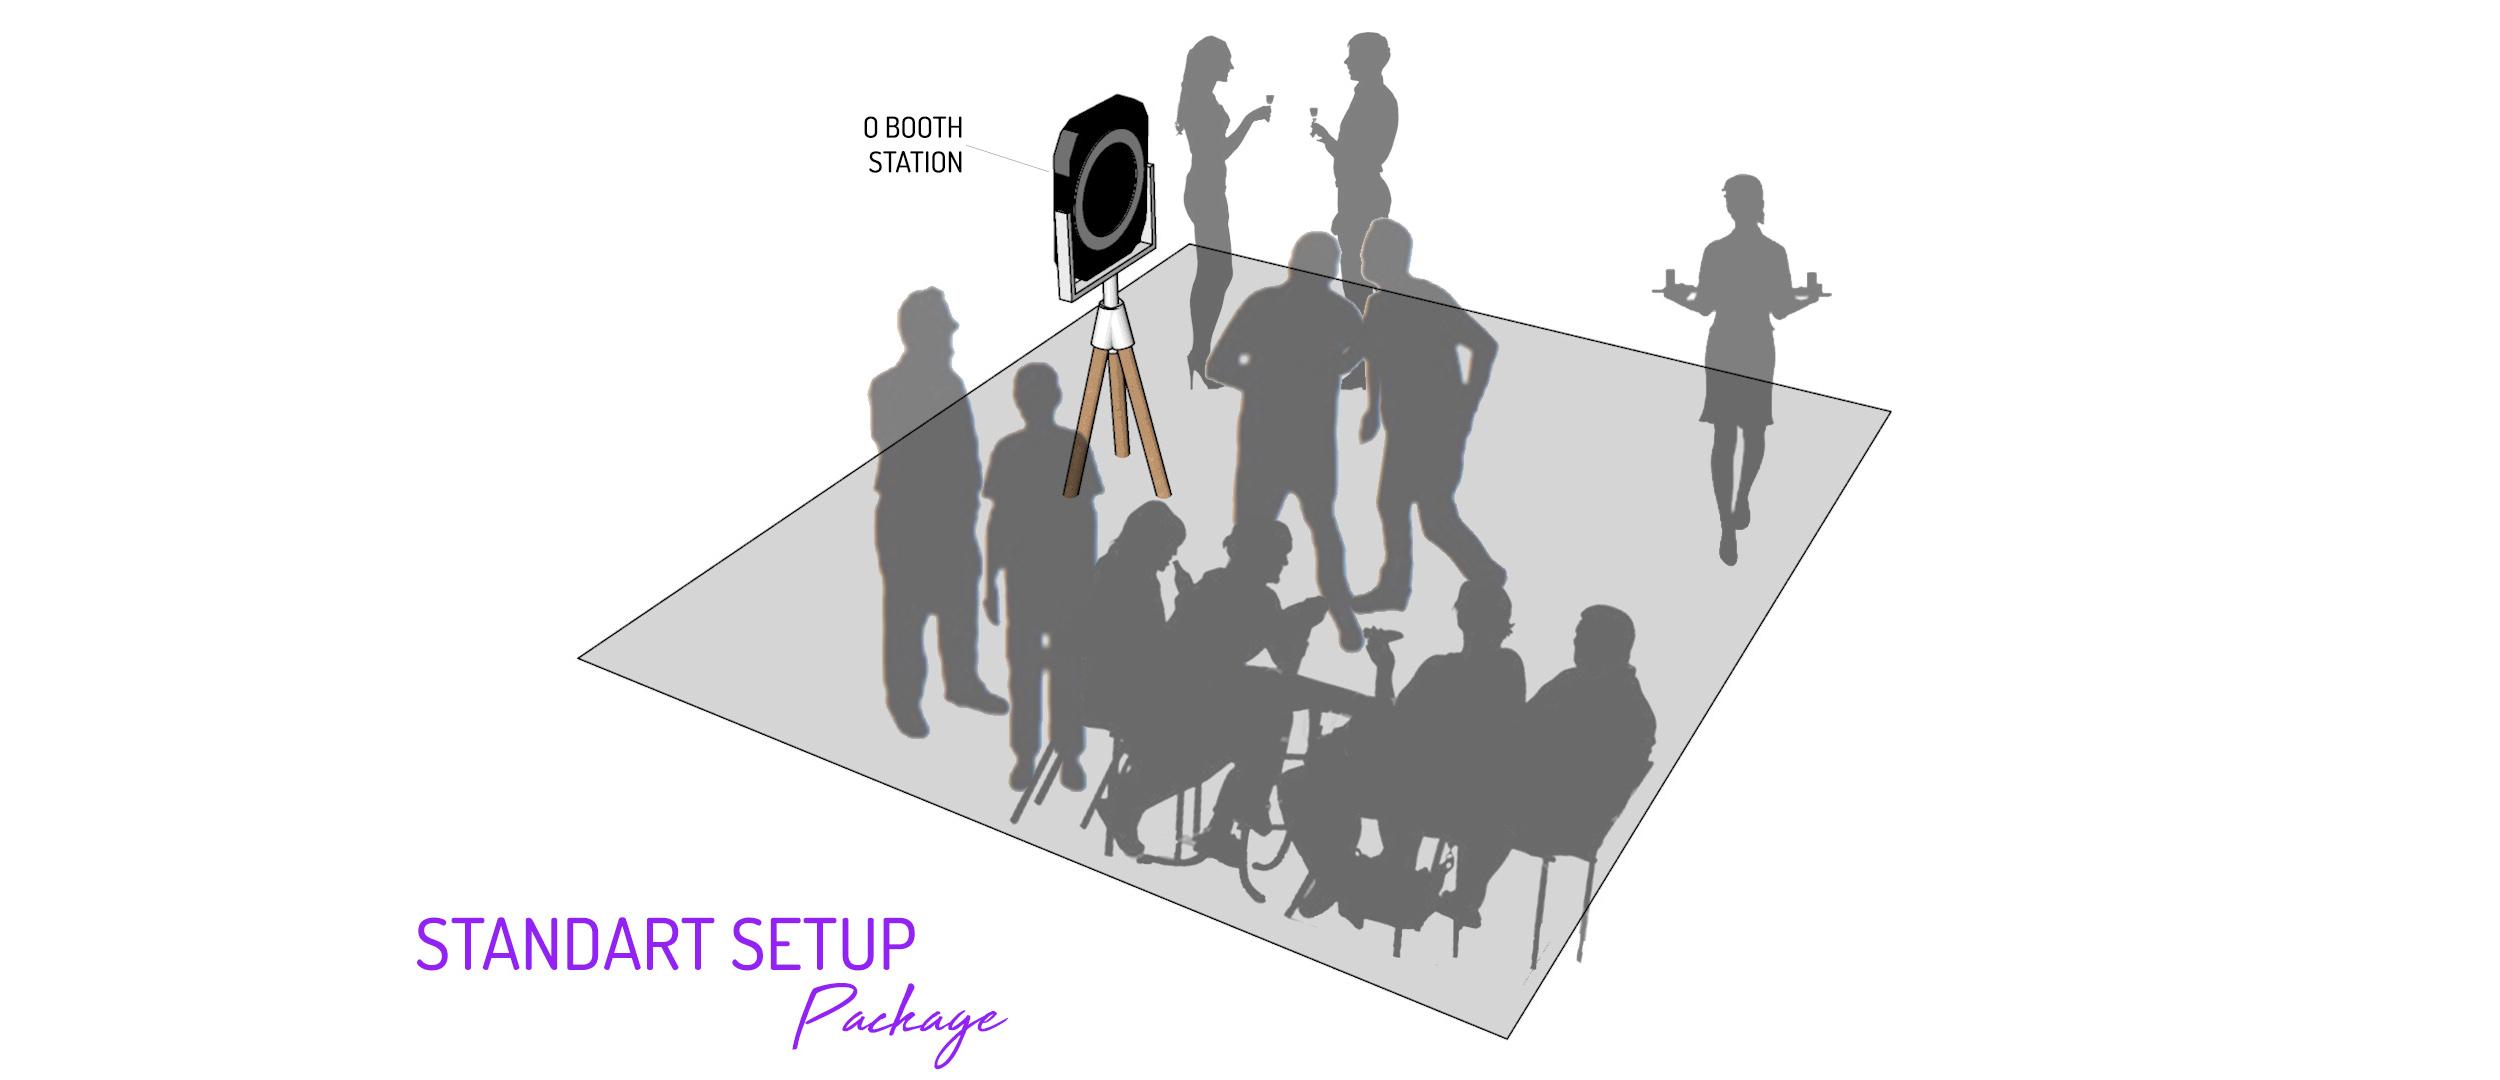 O Booth_standart setup.jpg